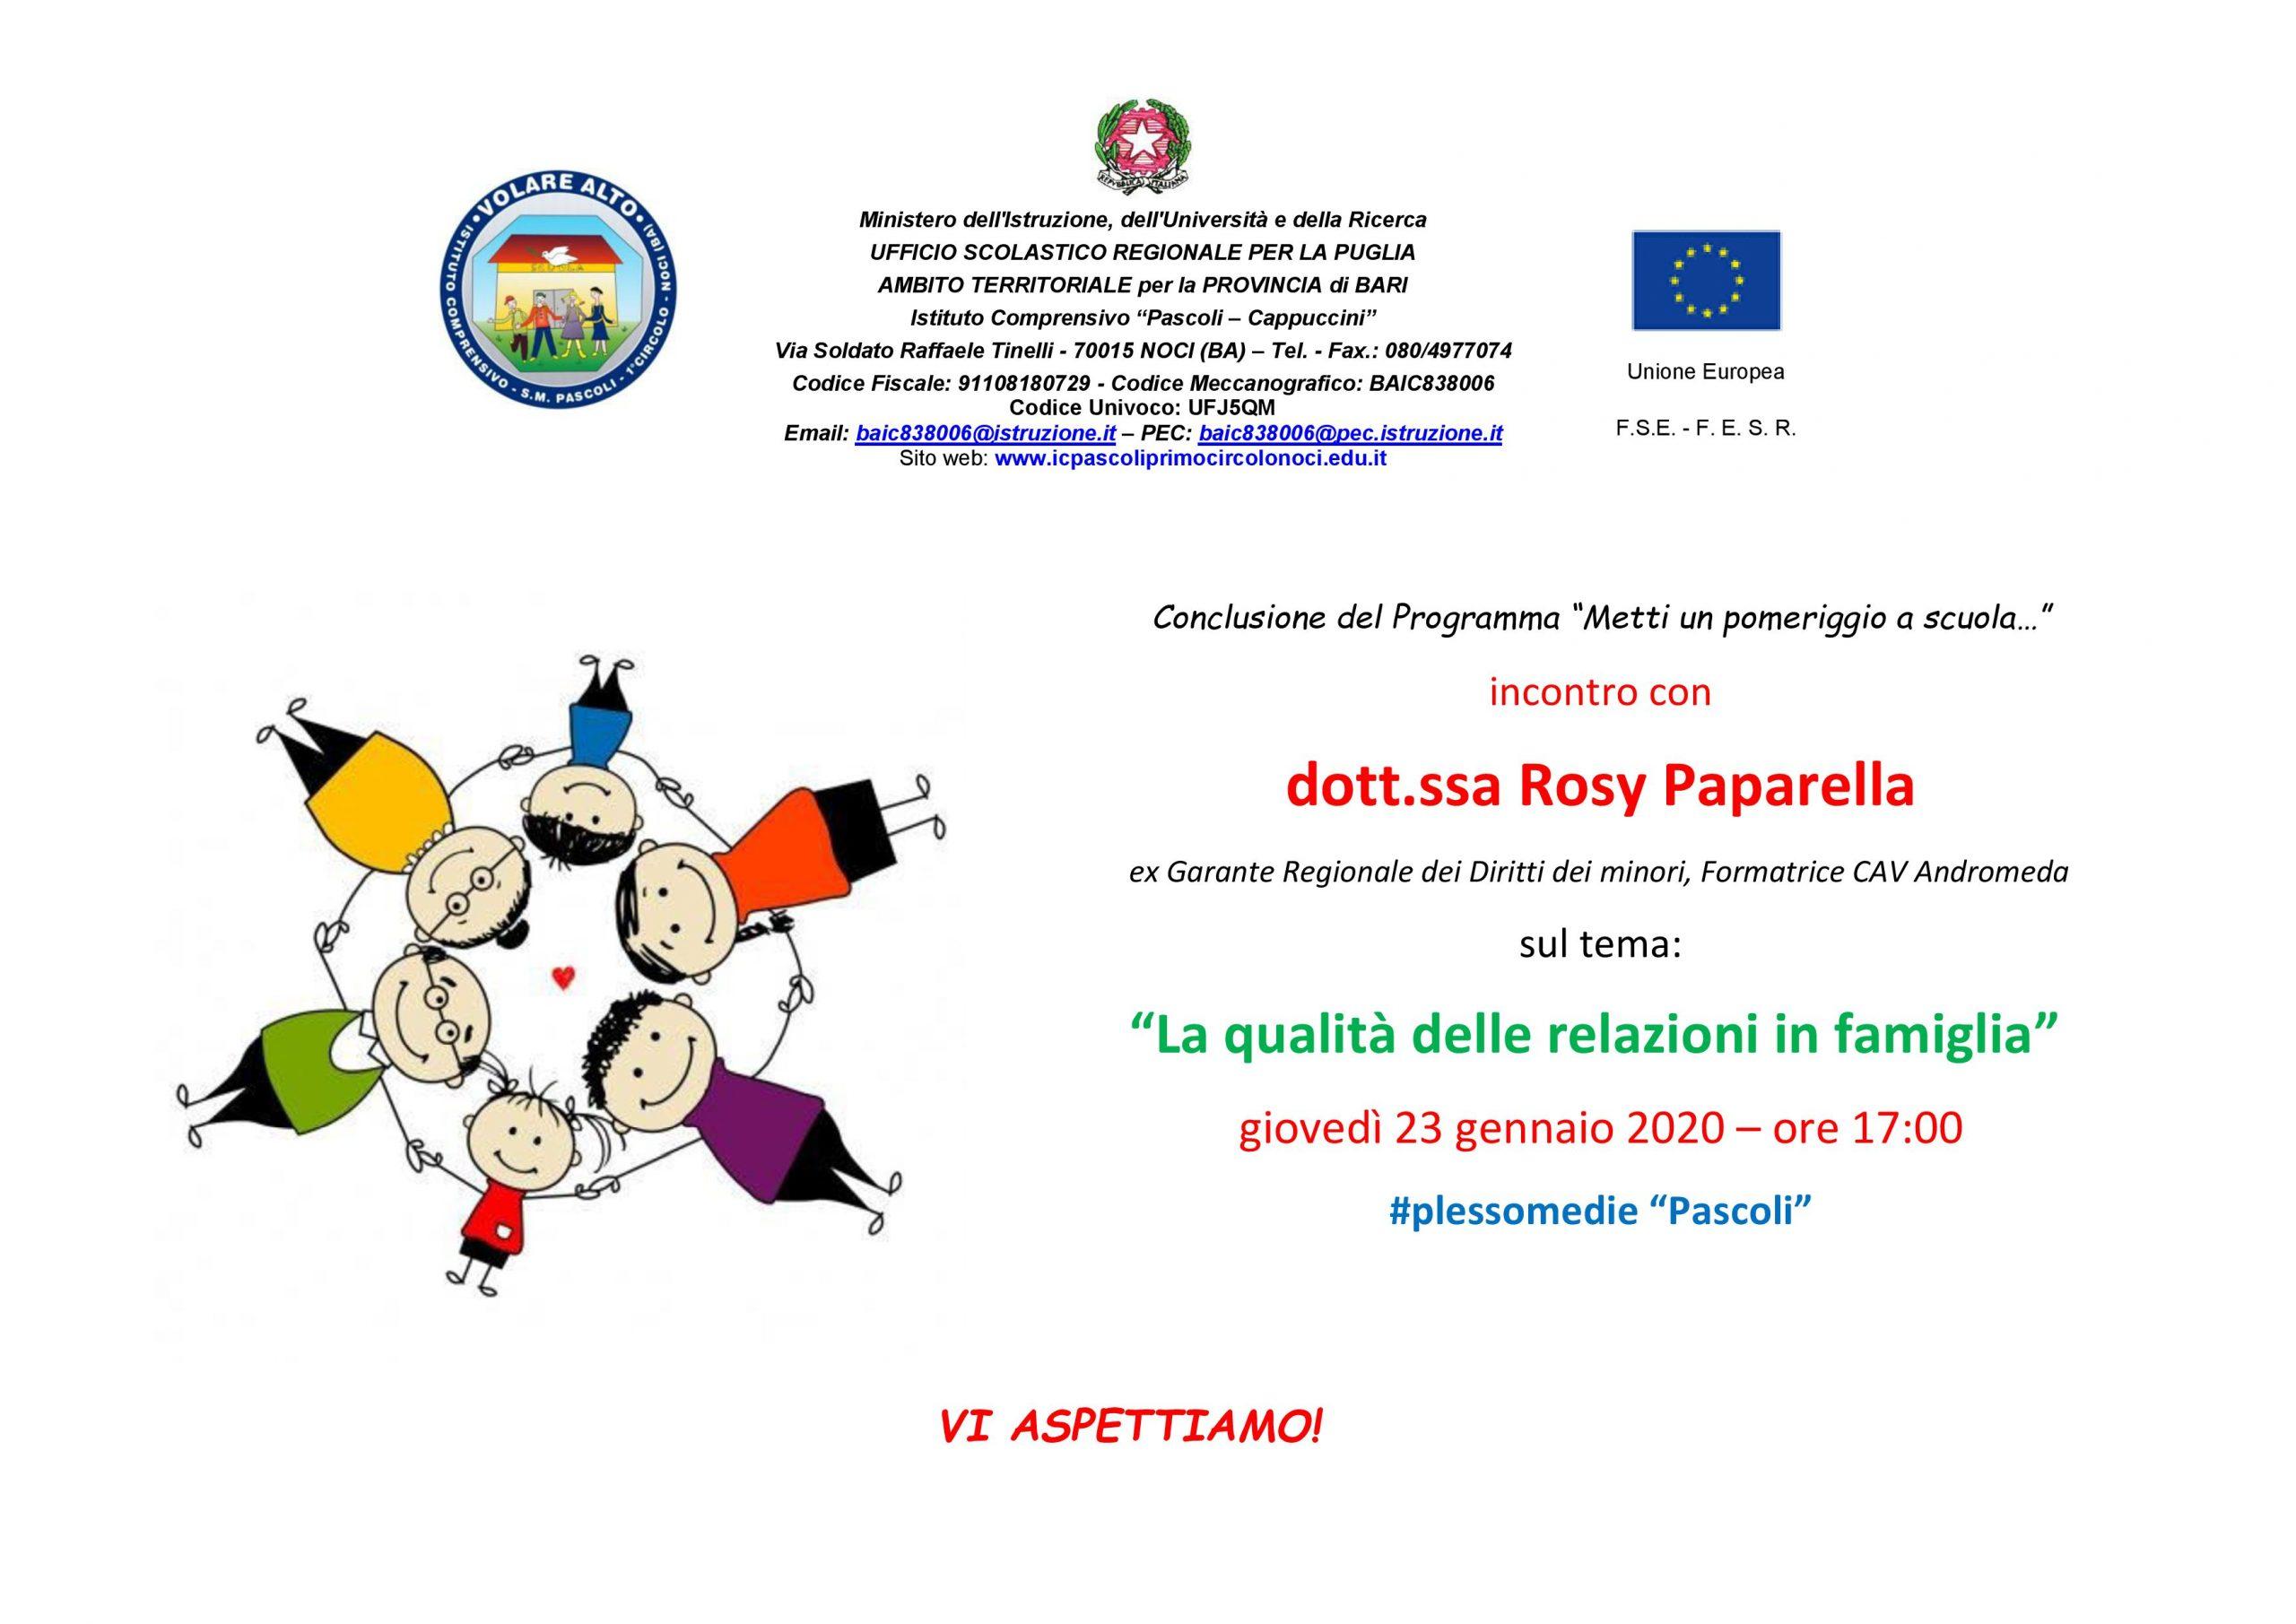 Invito_incontro_con_Rosy_Paparella